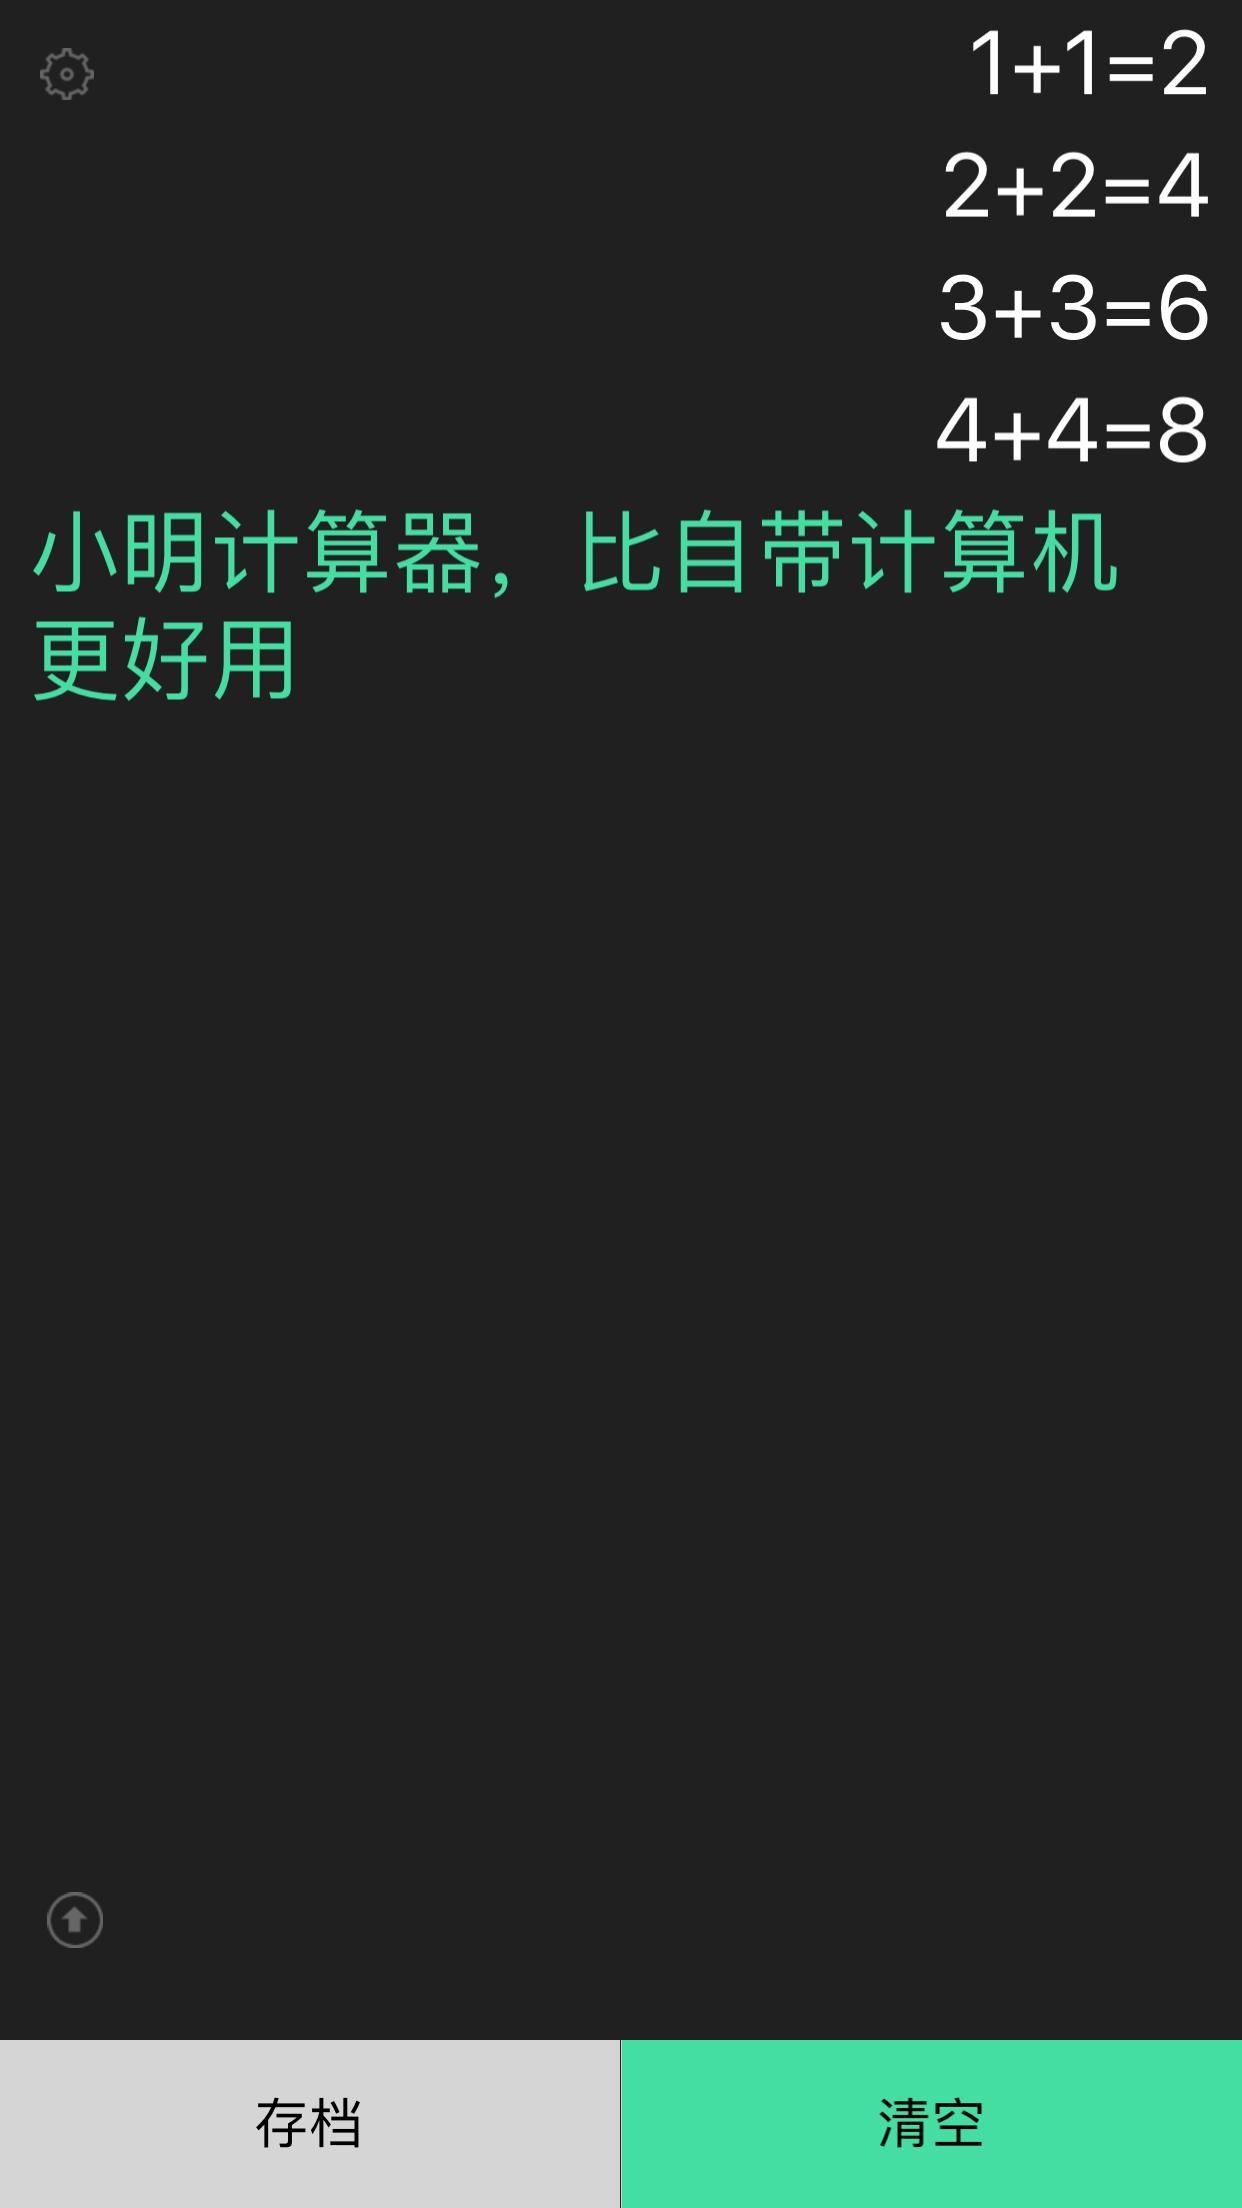 小明计算器2